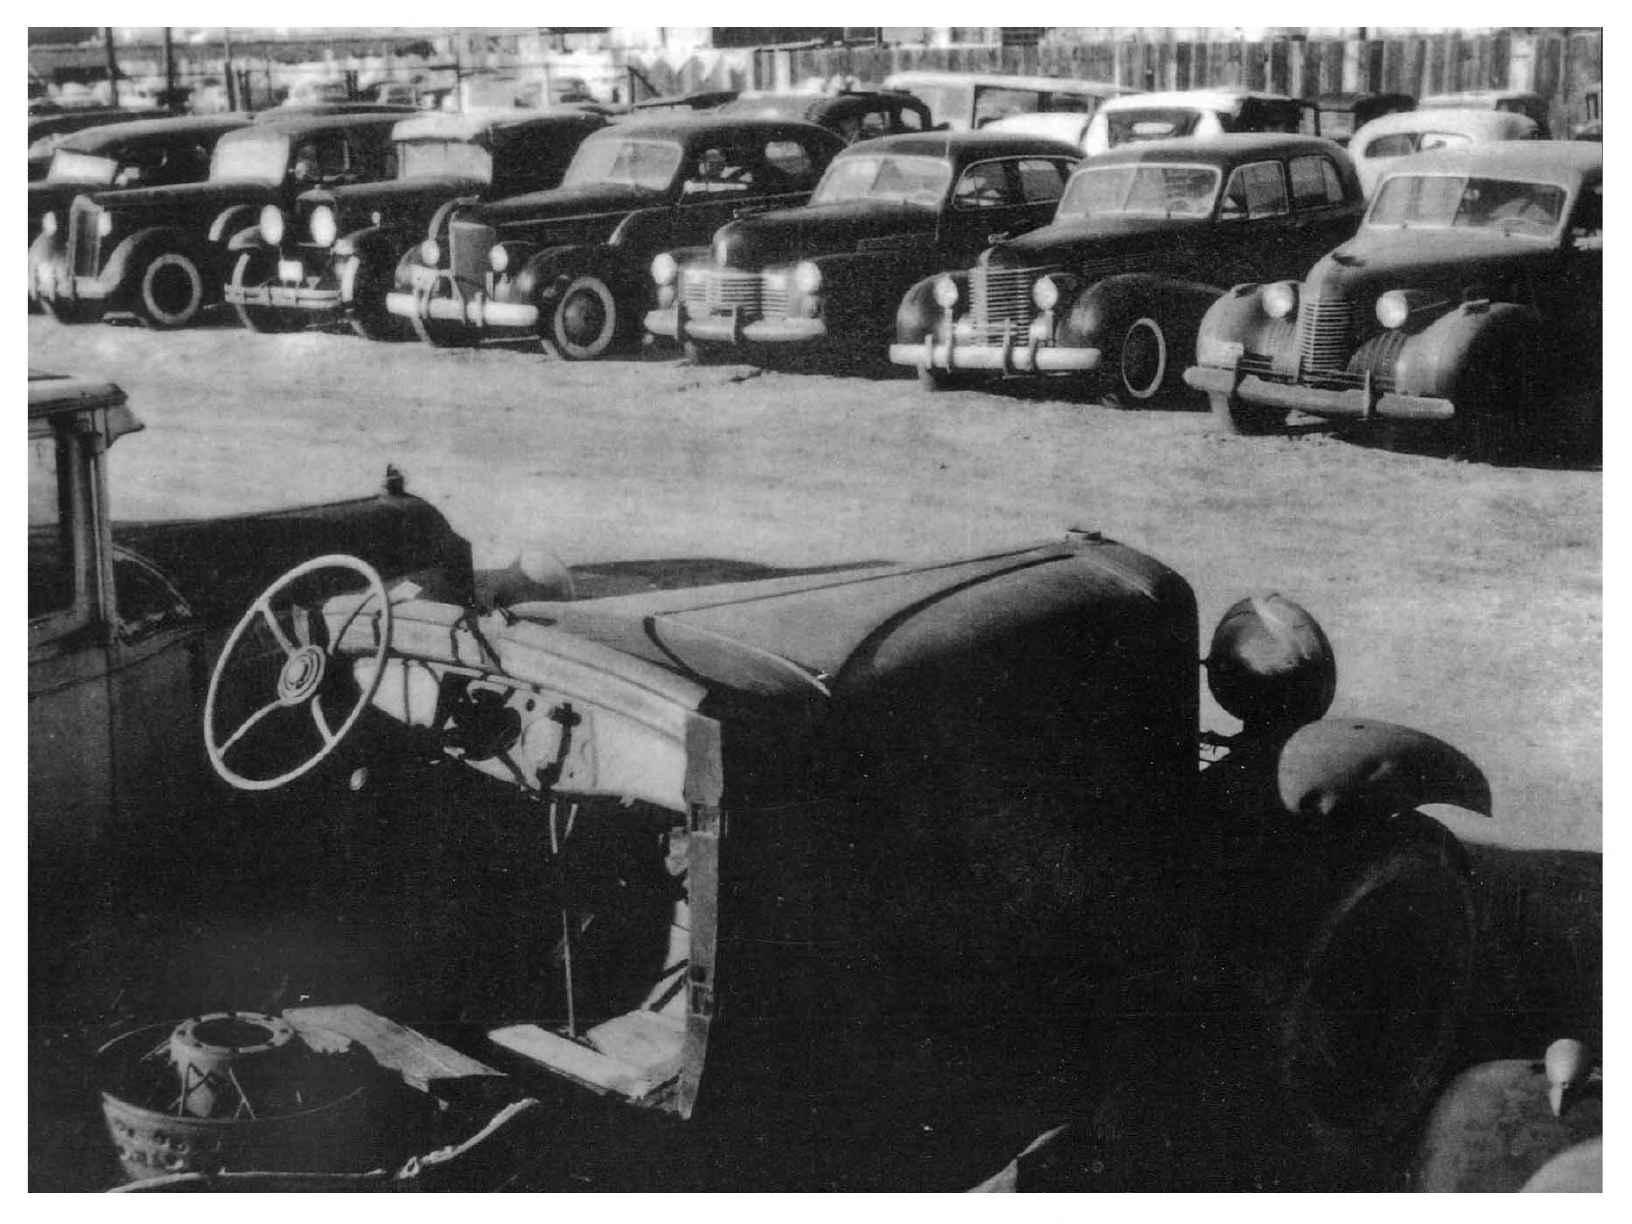 Автомобильная свалка 50-ых годов.